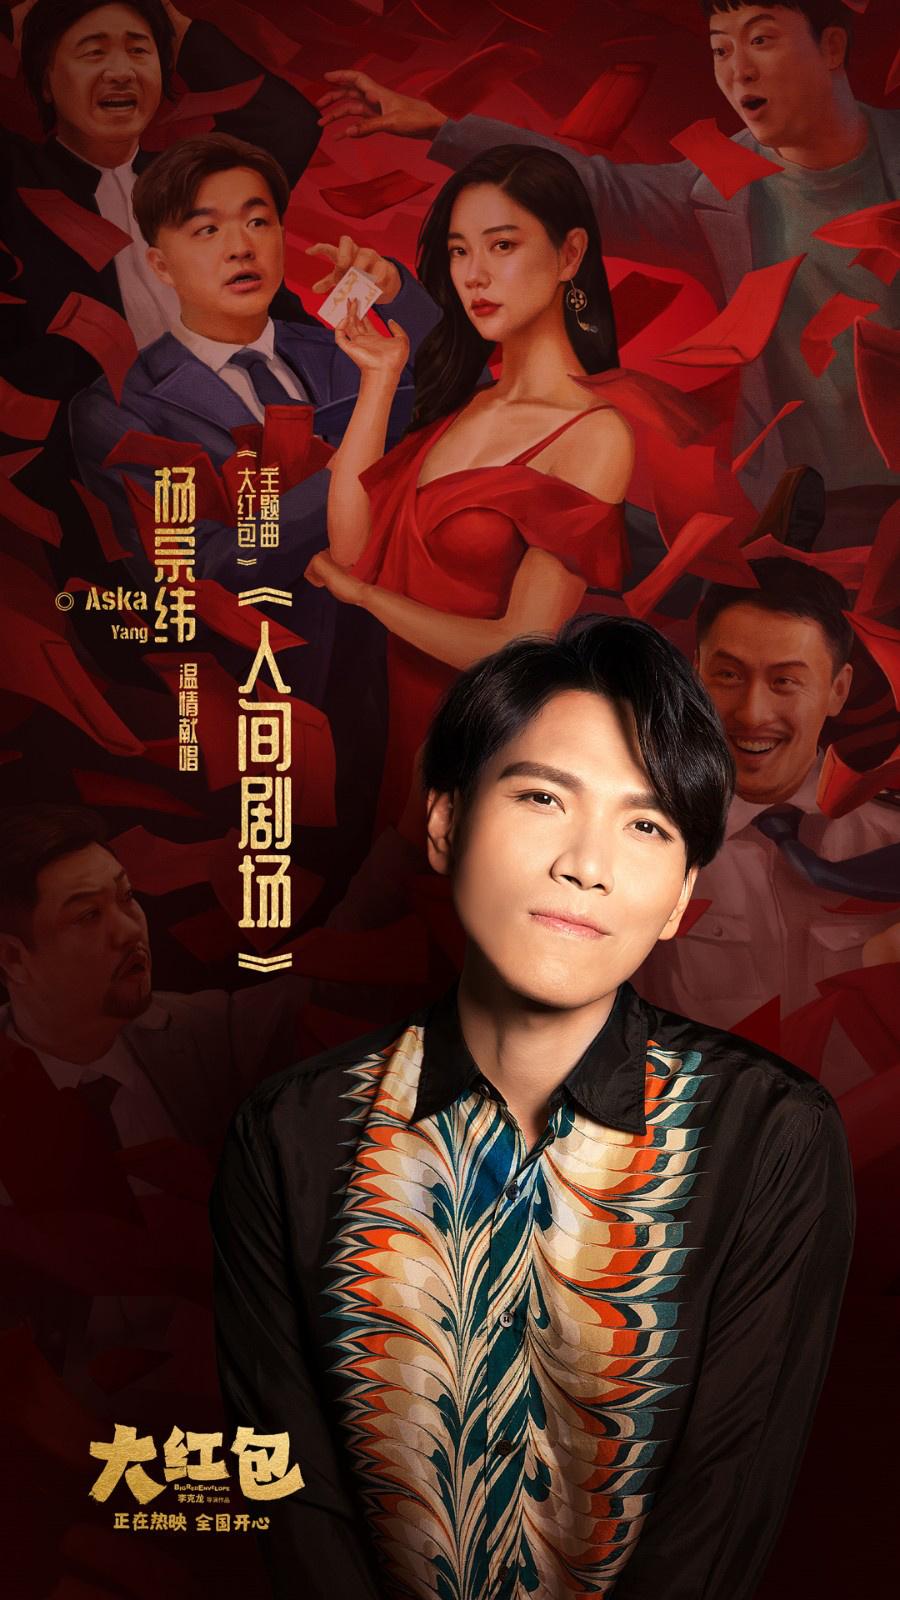 《大红包》持续微笑离开贺岁杨宗伟的心 唱主题曲